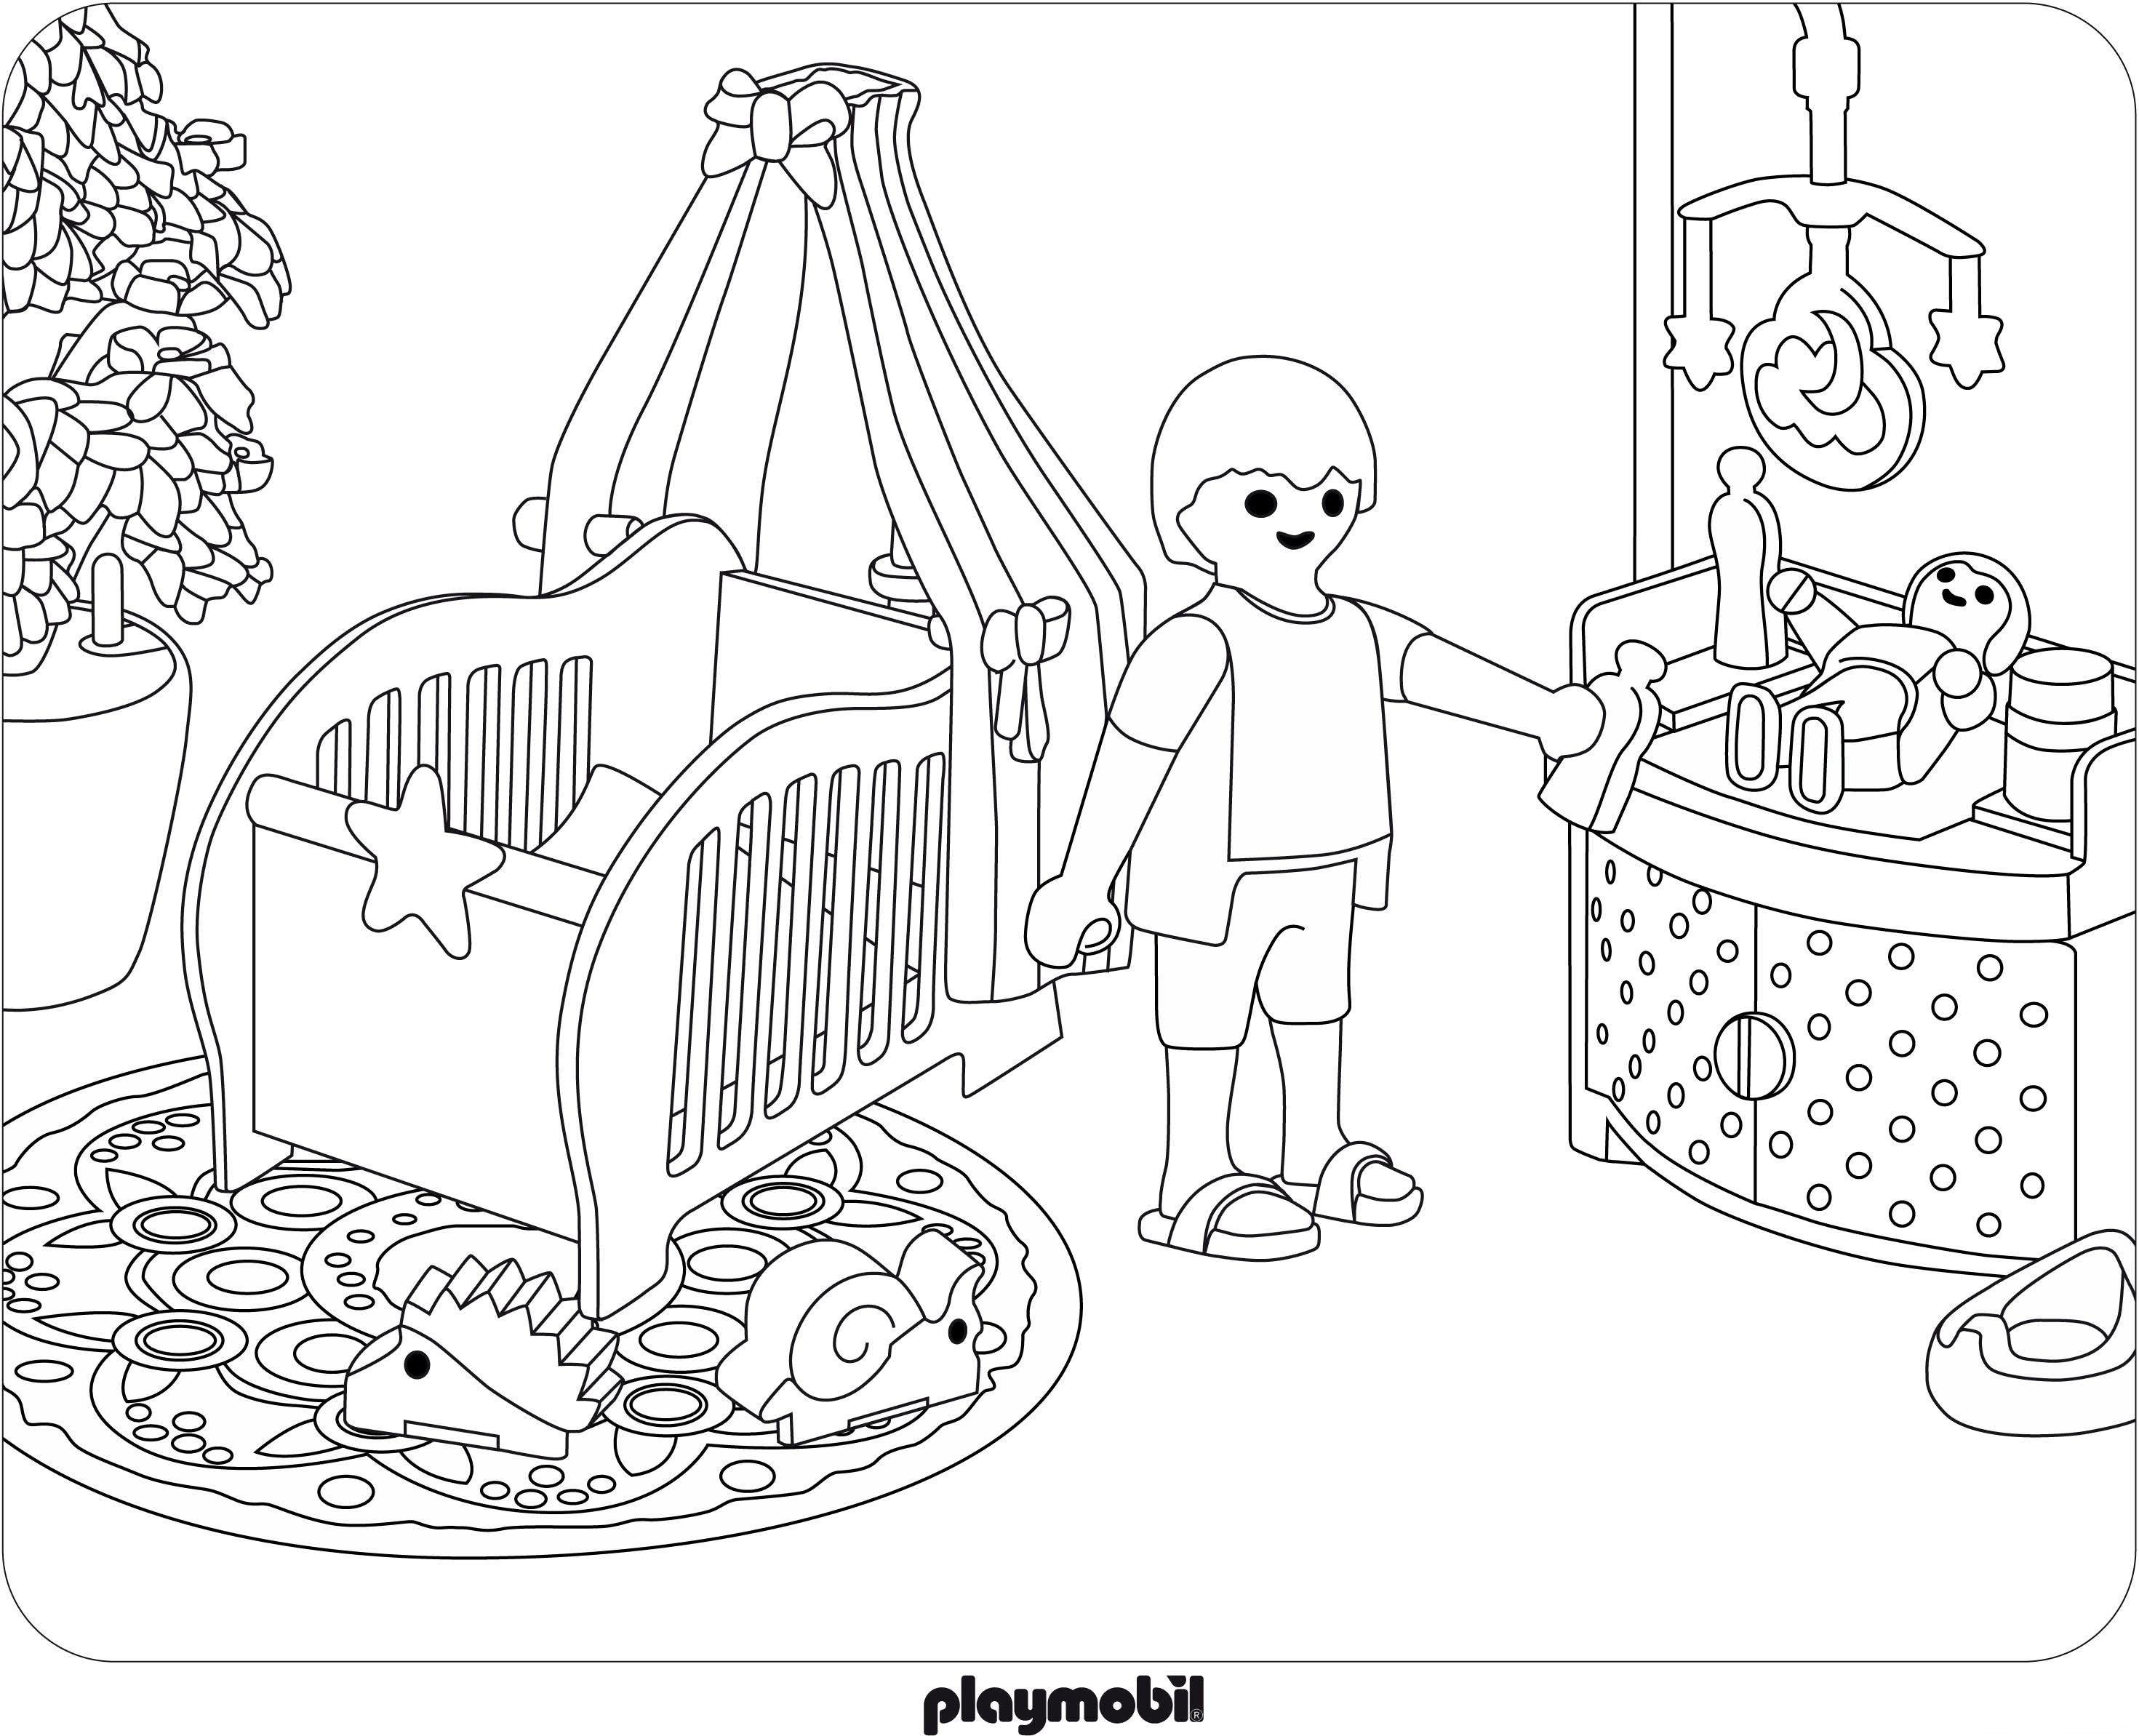 ausmalbild playmobil der film - x13 ein bild zeichnen